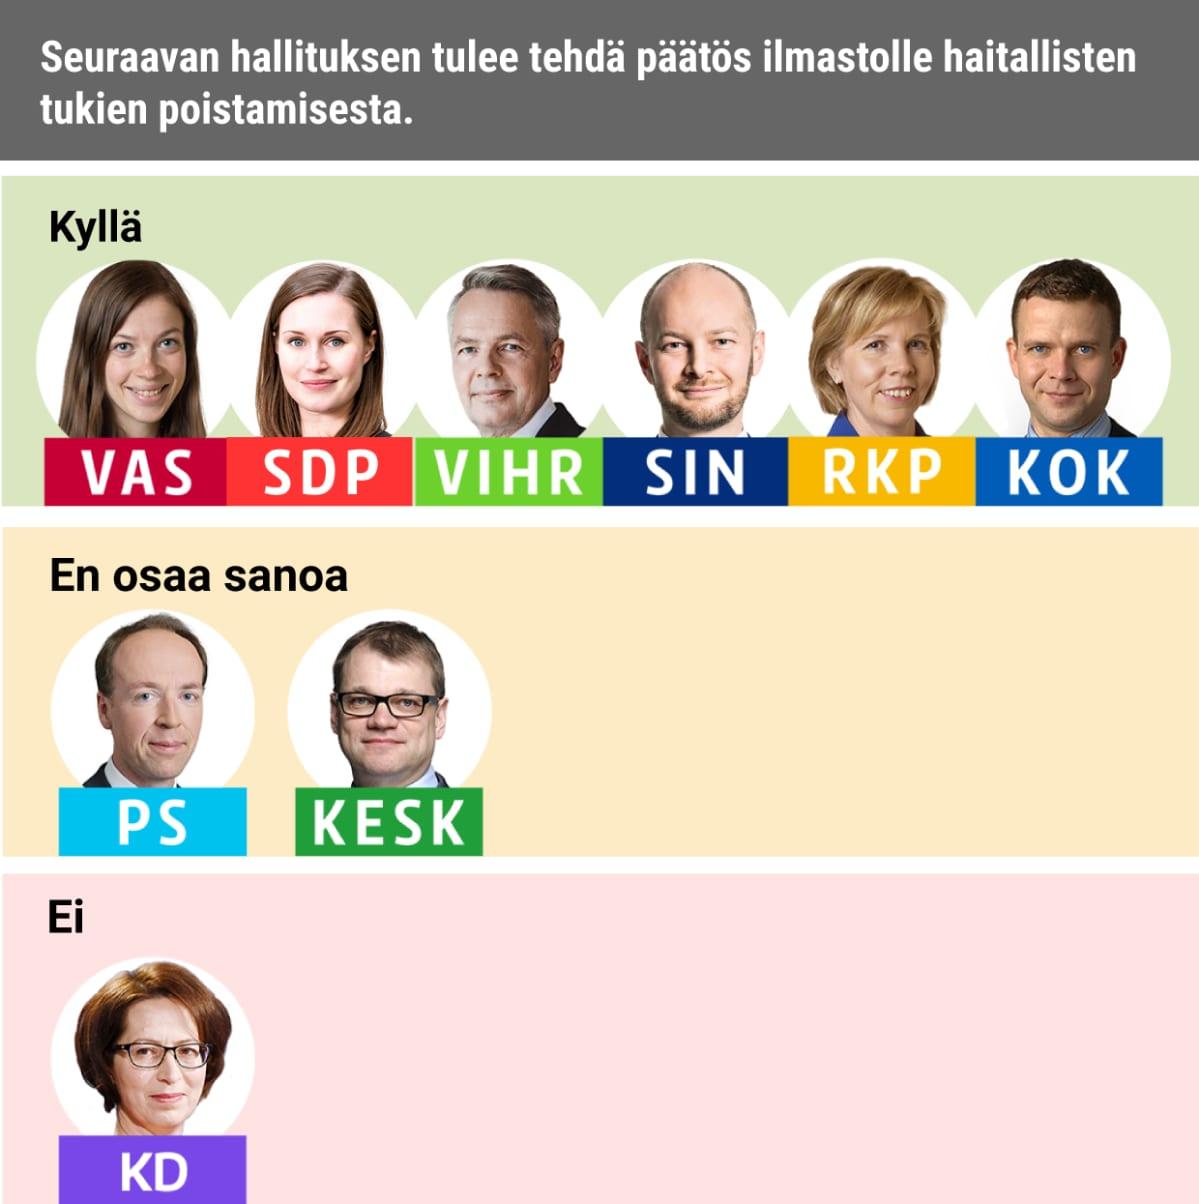 Seuraavan hallituksen tulee tehdä päätös ilmastolle haitallisten tukien poistamisesta. Kyllä: Vasemmistoliitto, SDP, Vihreät, Siniset, RKP, Kokoomus Ei: KD EOS: PS, Keskusta